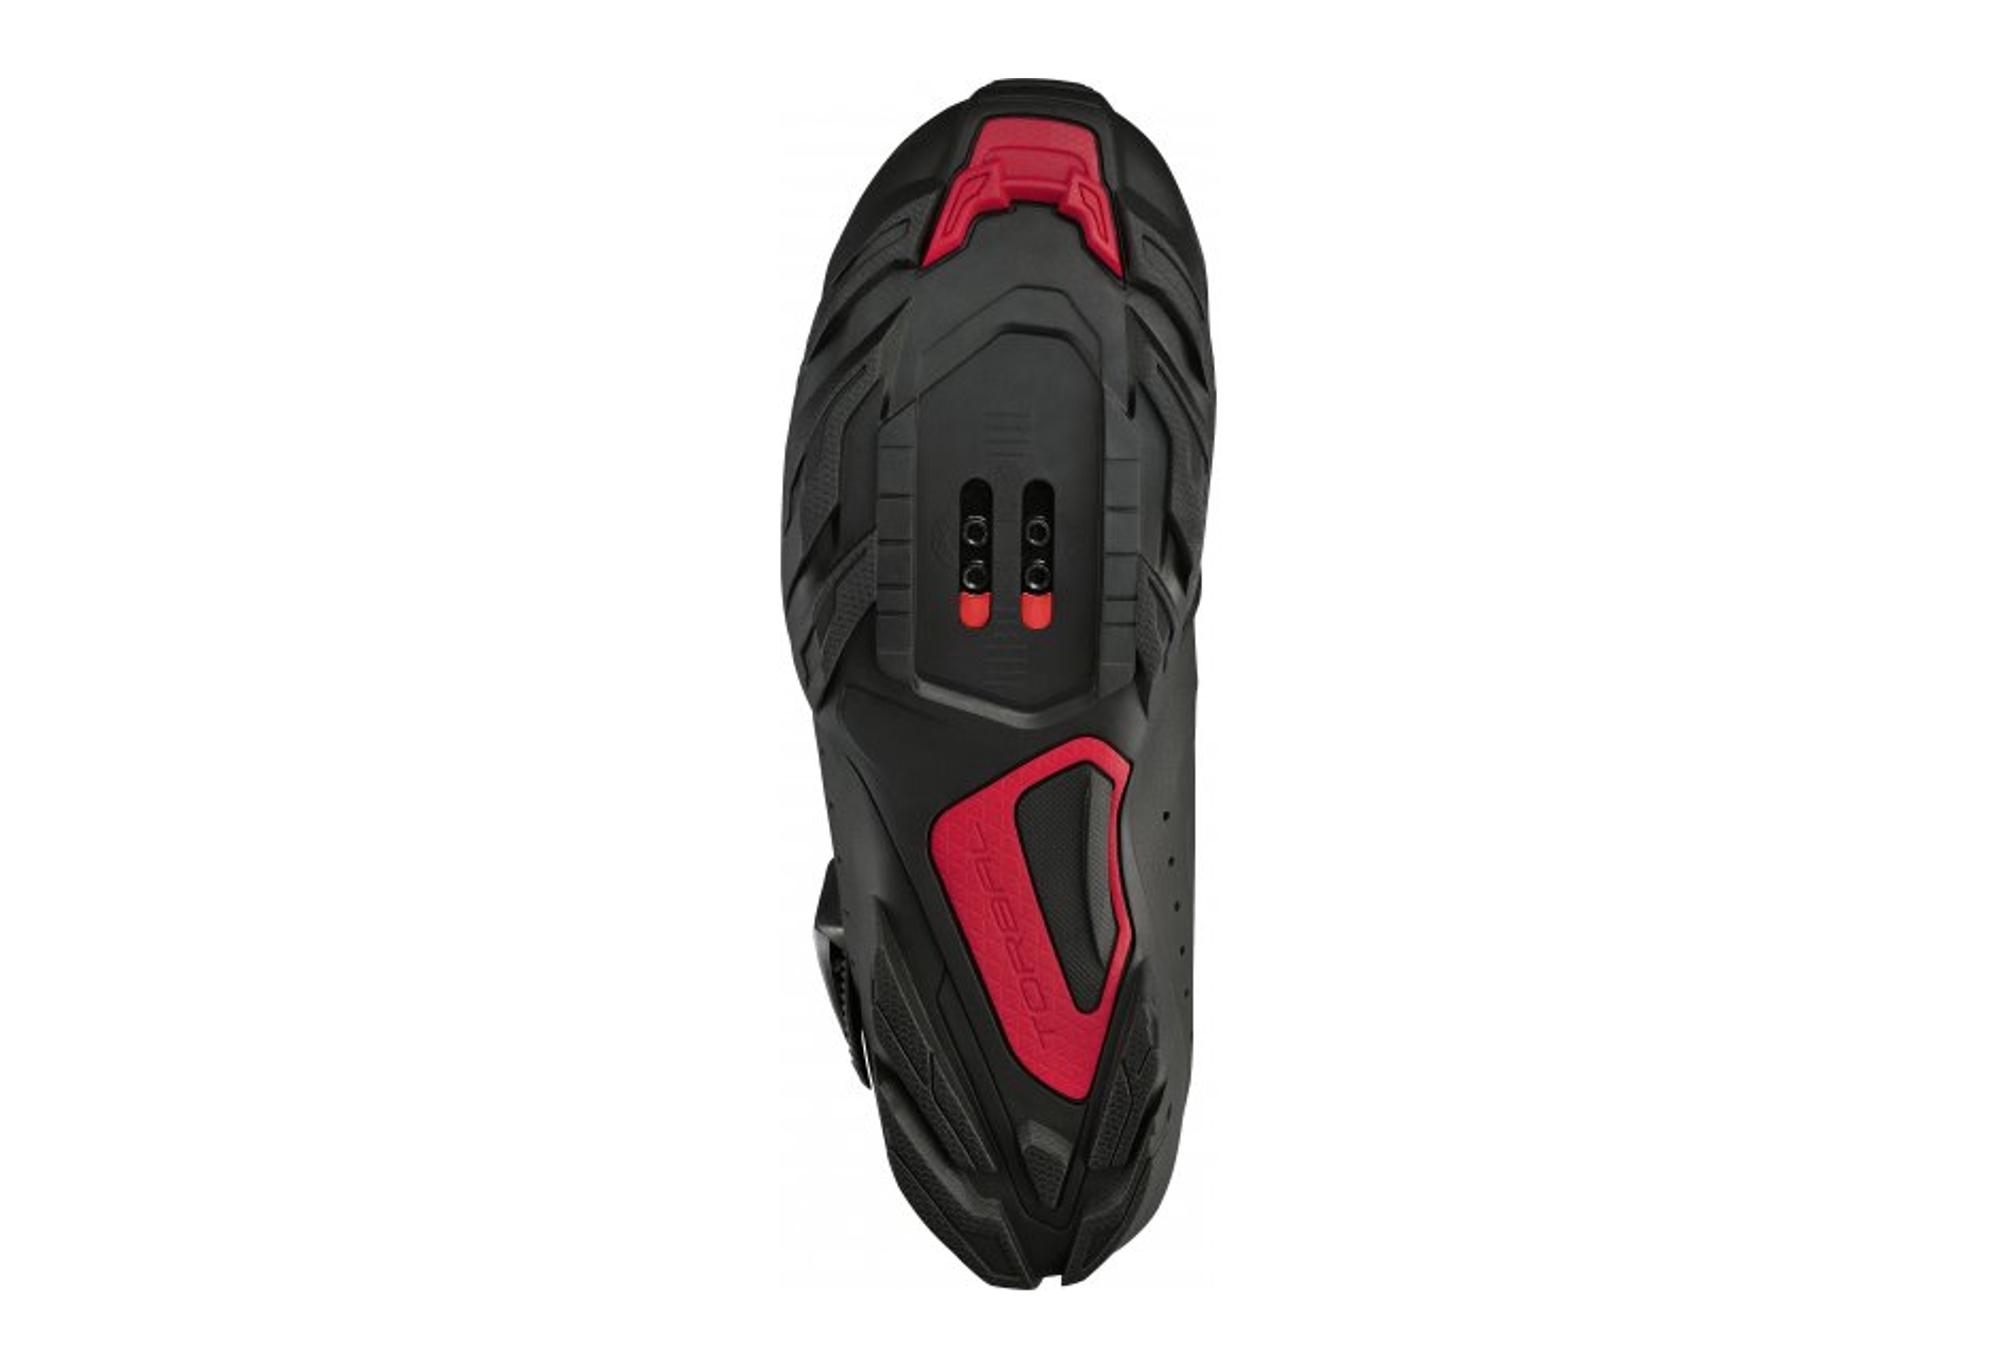 le prix reste stable techniques modernes mode la plus désirable Chaussures VTT Shimano M089 Large Noir